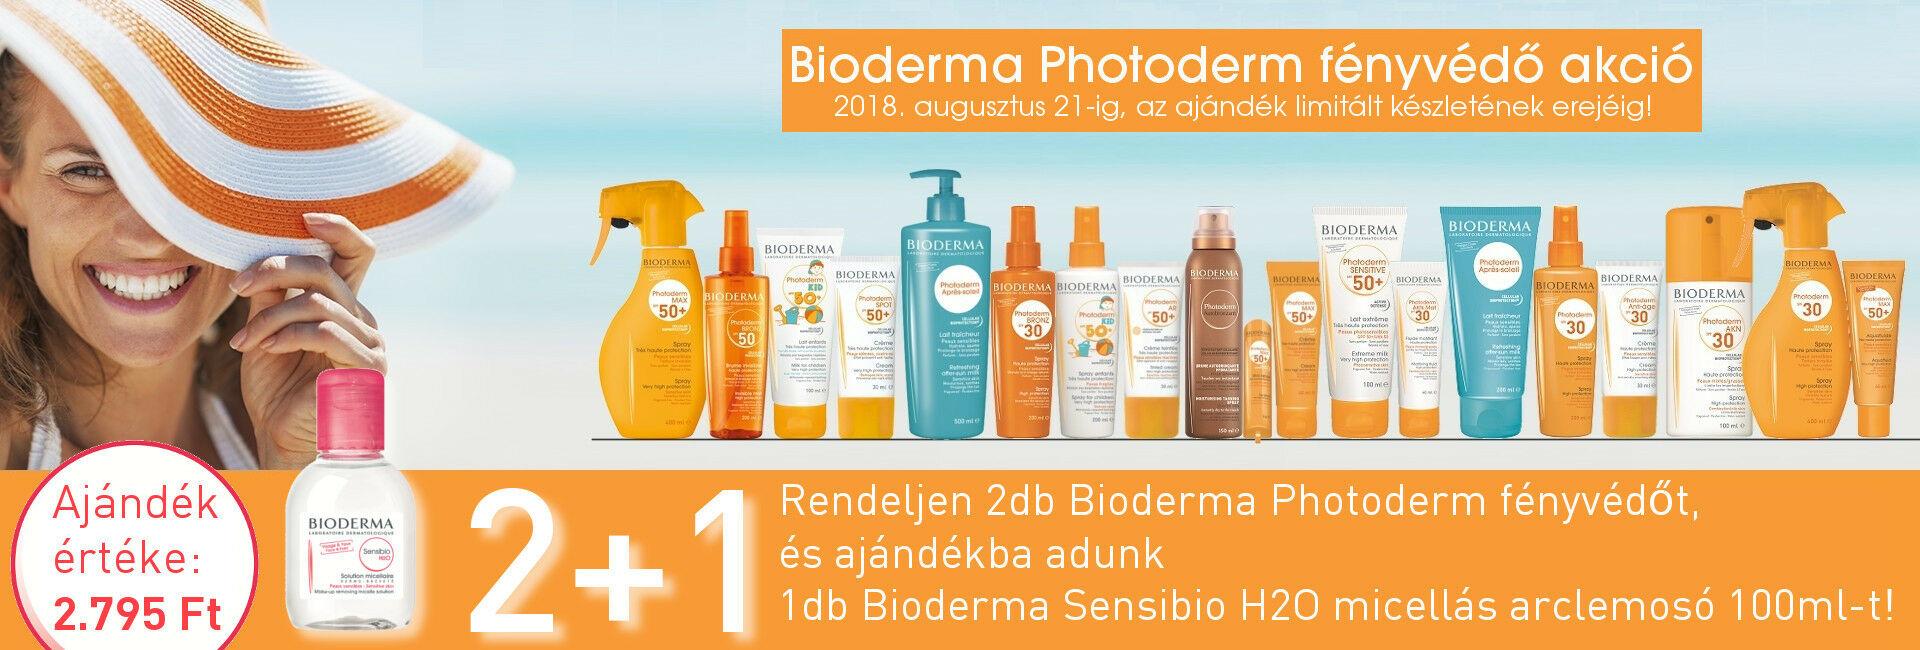 Szülinapi Photoderm Akció - 2db Bioderma Photoderm termék mellé ajándék Bioderma Sensibio H2O 100ml